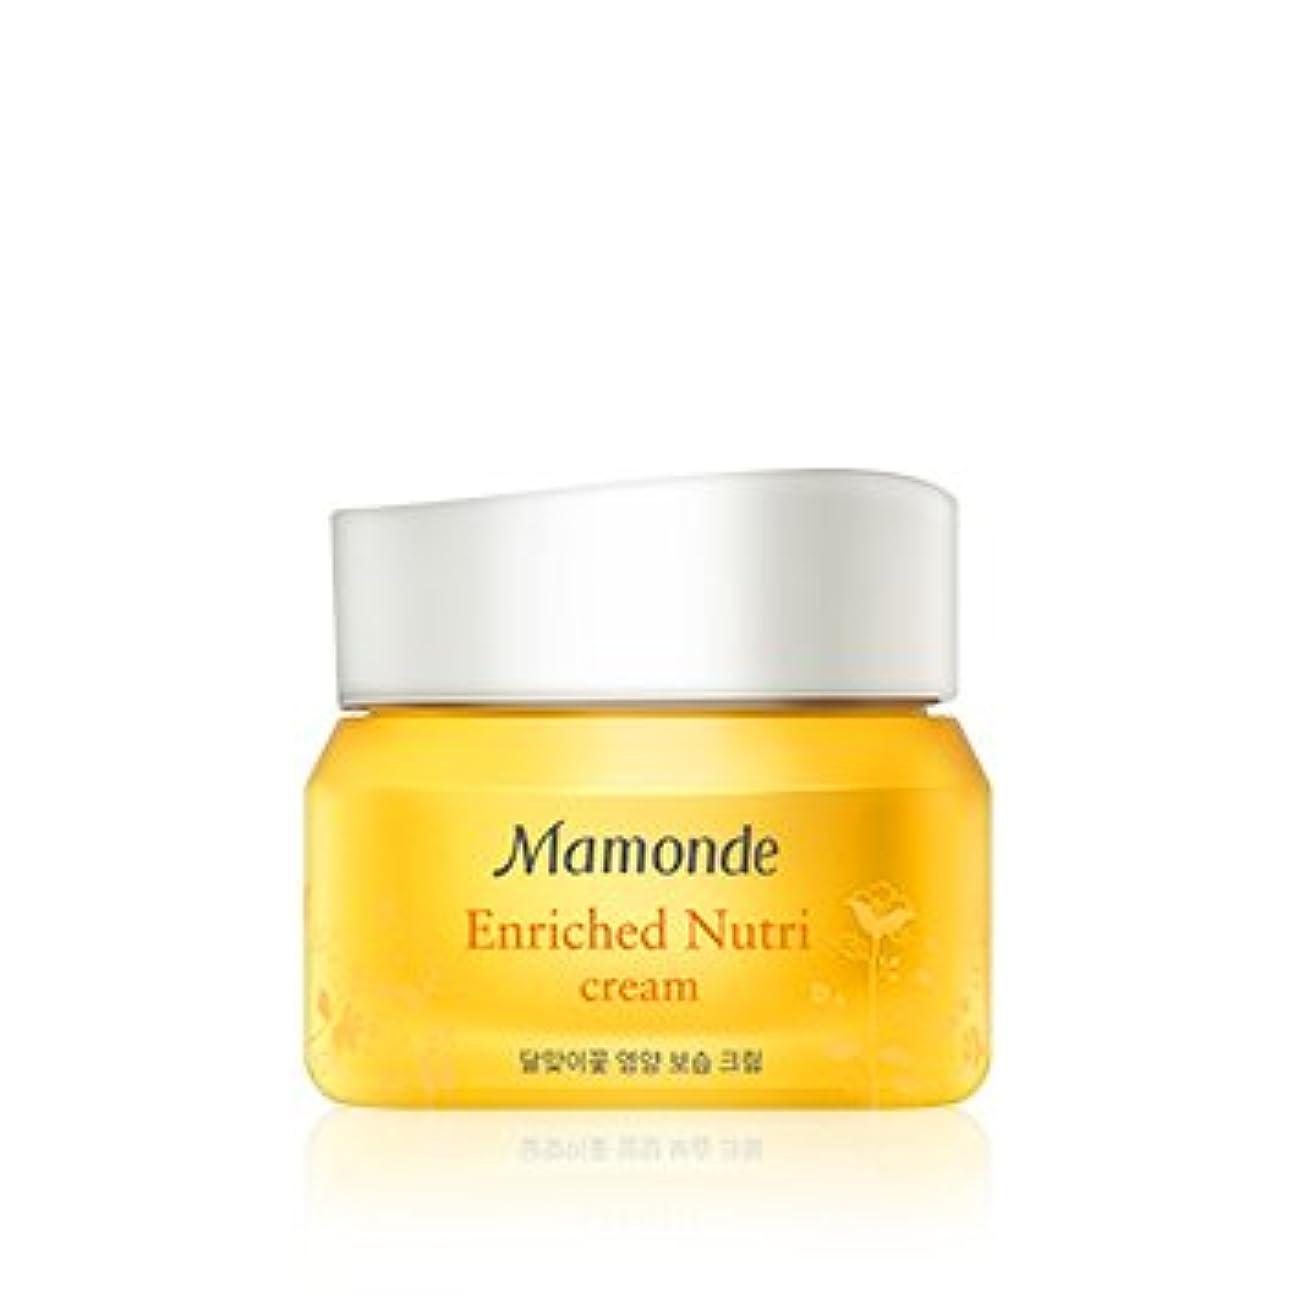 けん引豆シーボード[New] Mamonde Enriched Nutri Cream 50ml/マモンド エンリッチド ニュートリ クリーム 50ml [並行輸入品]